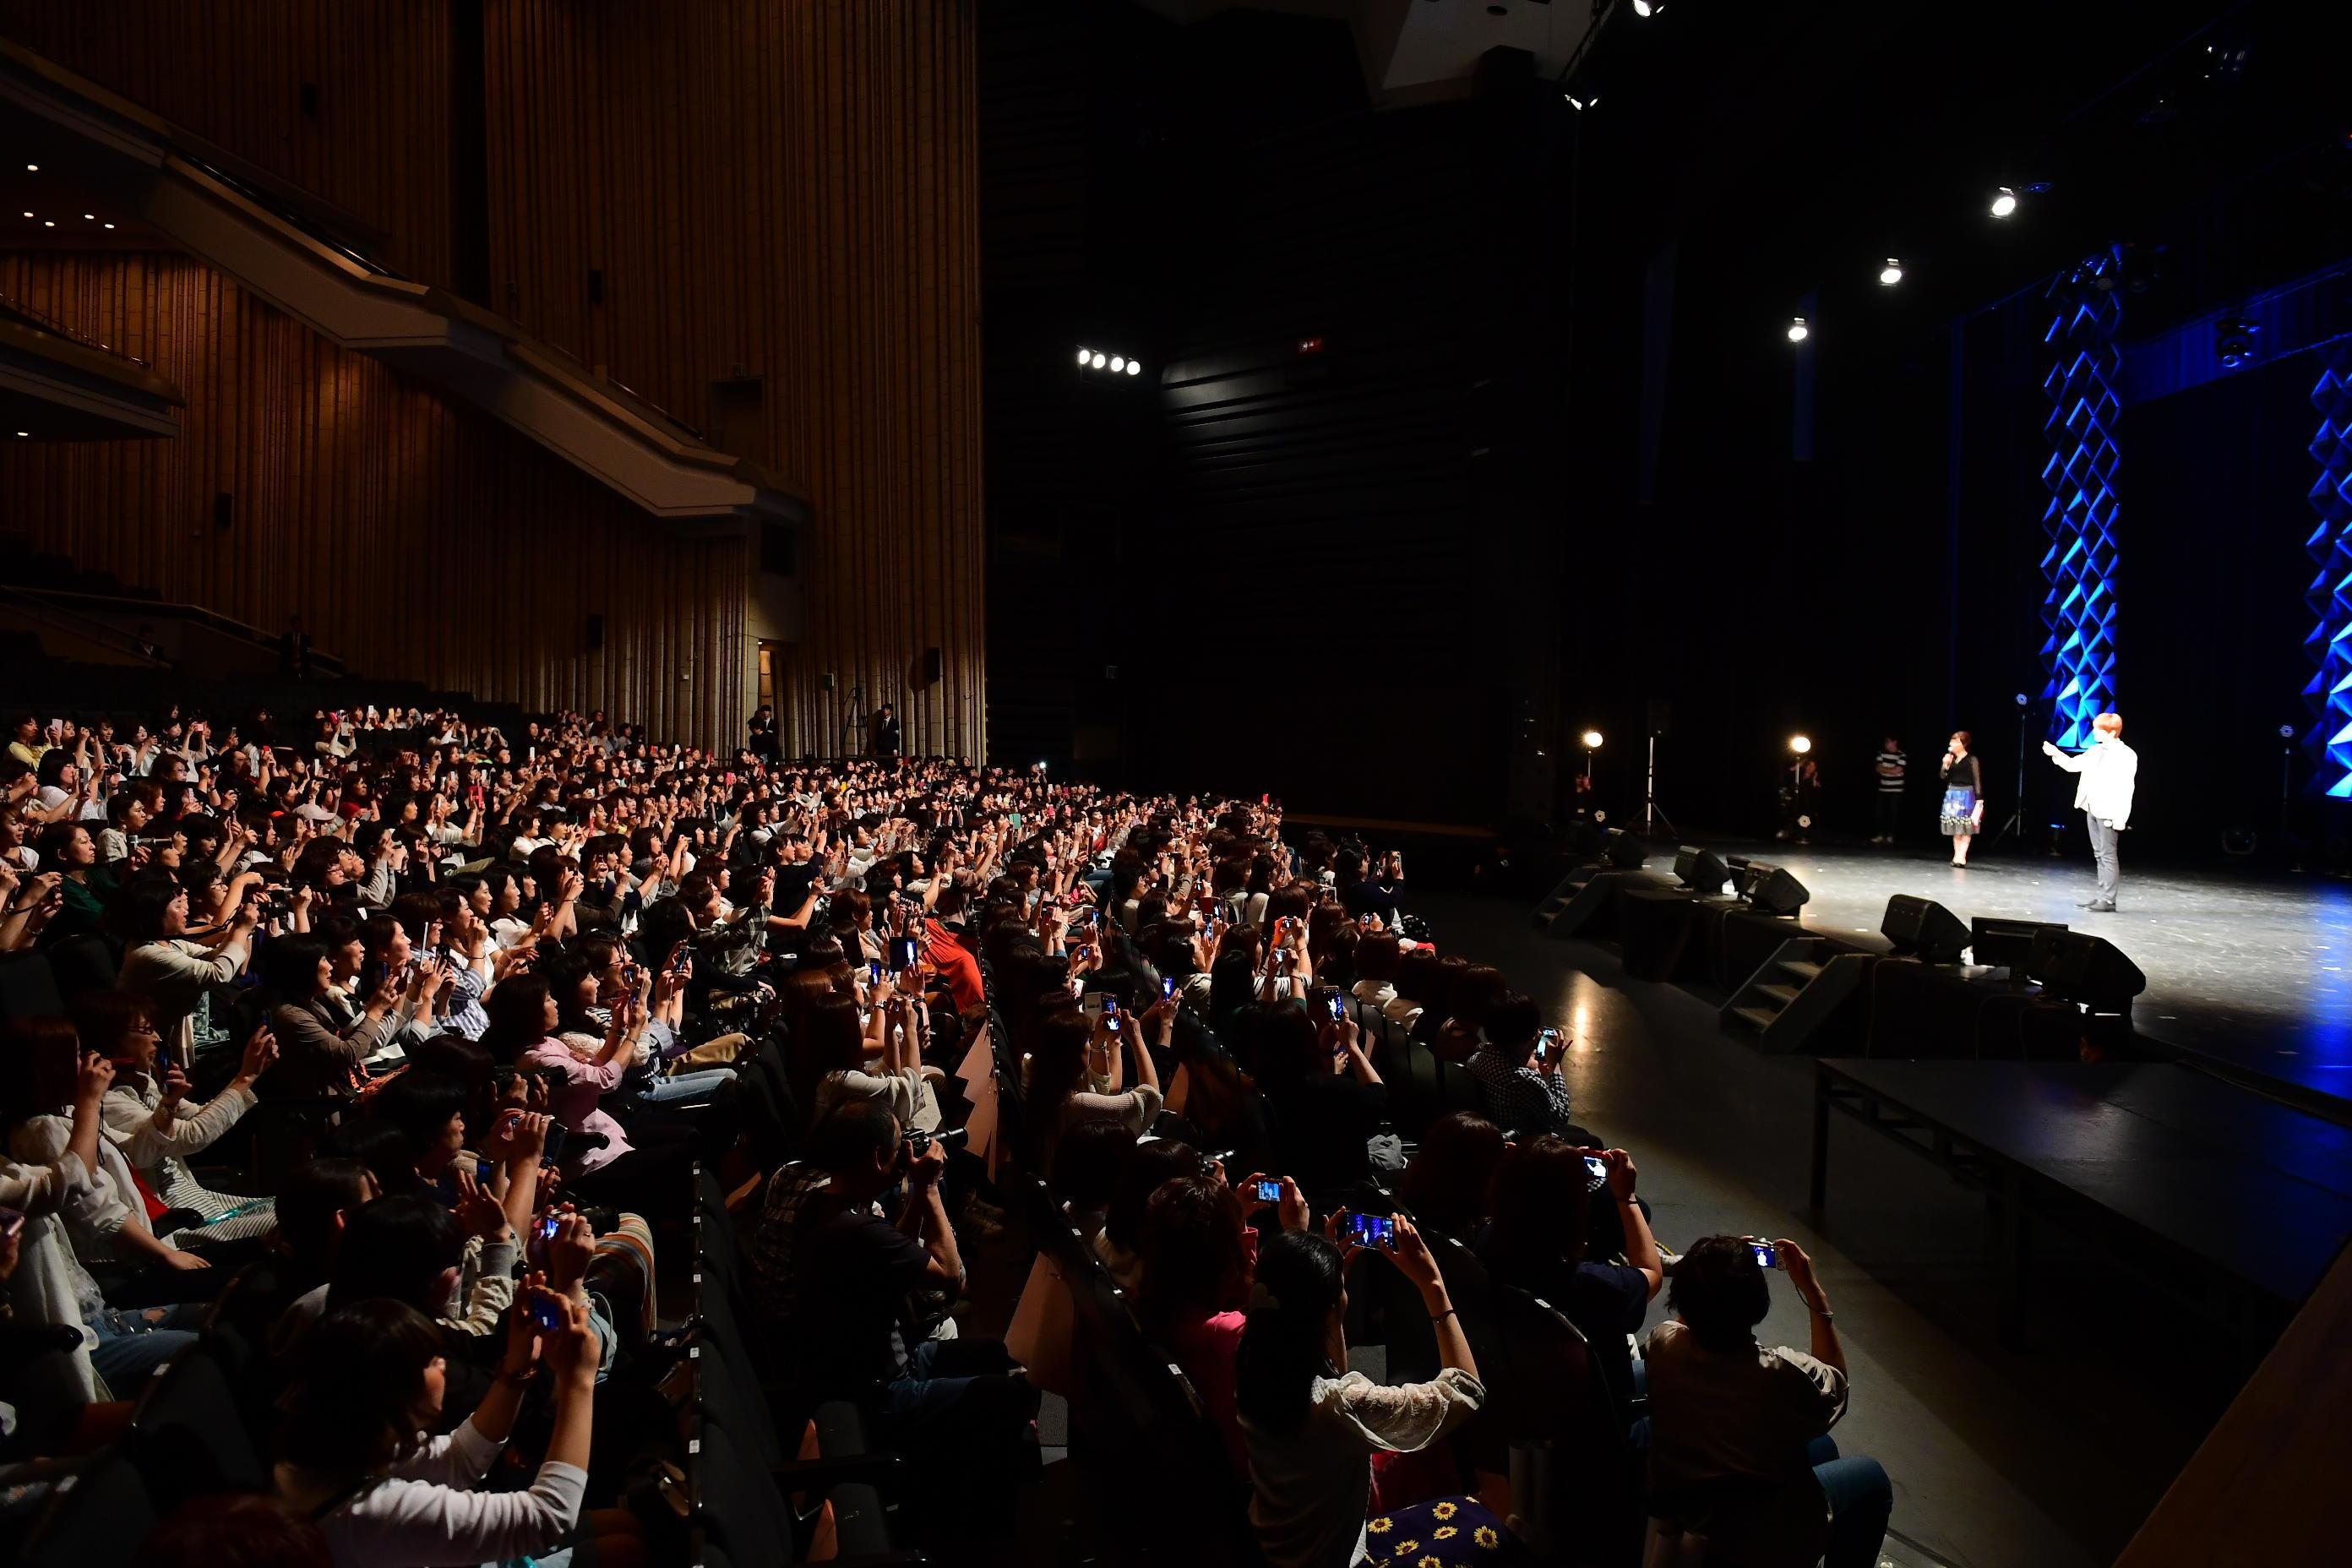 http://news.yoshimoto.co.jp/20170530141930-9ded66f968ec1c440d0d28b11ad2fd9a27aafe26.jpg